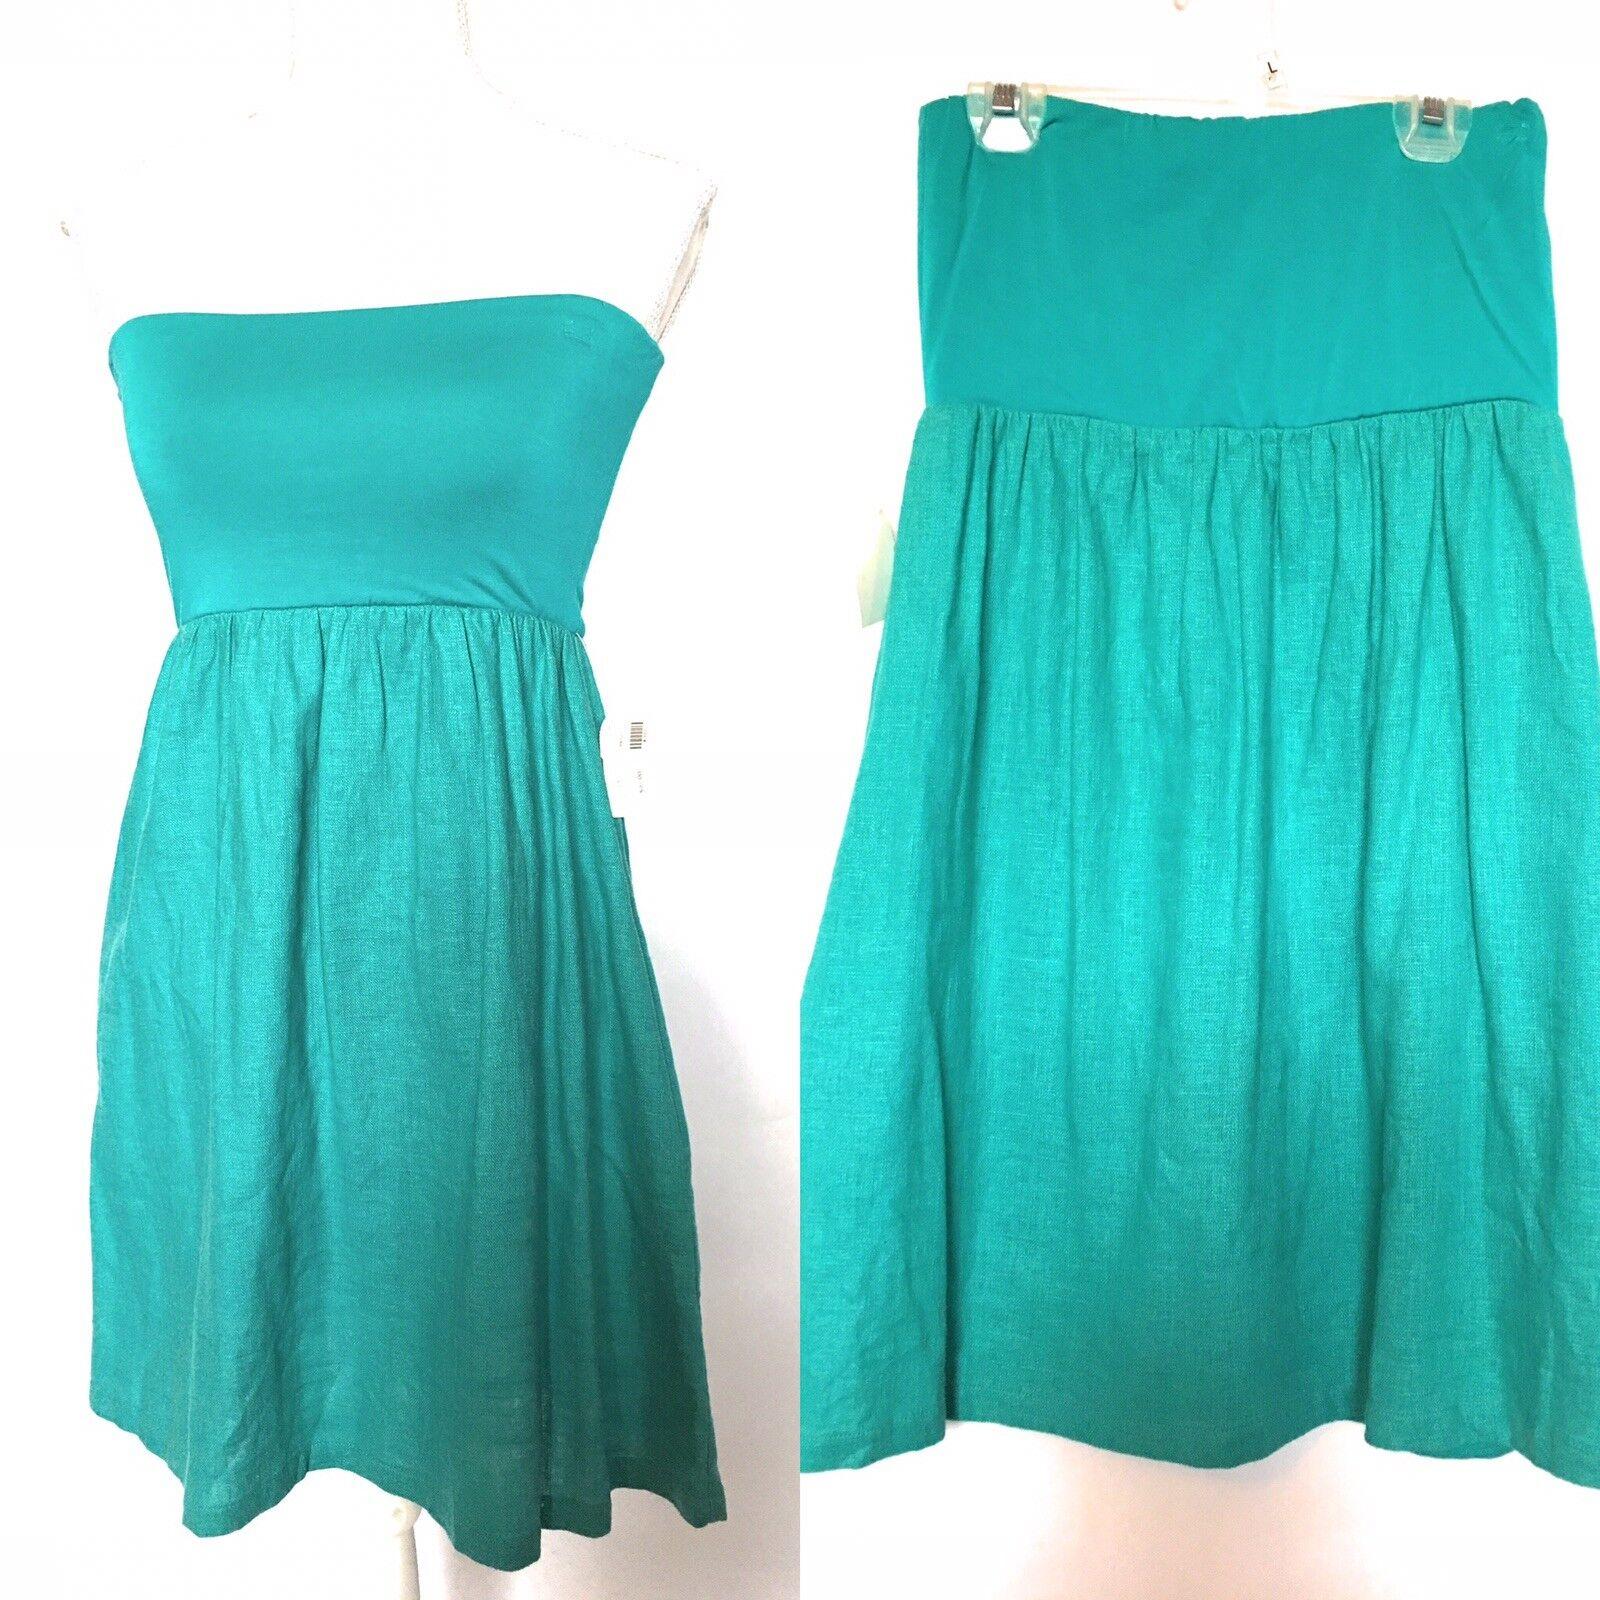 The Impeccable pig Maxi dress, Medium, Emerald Green